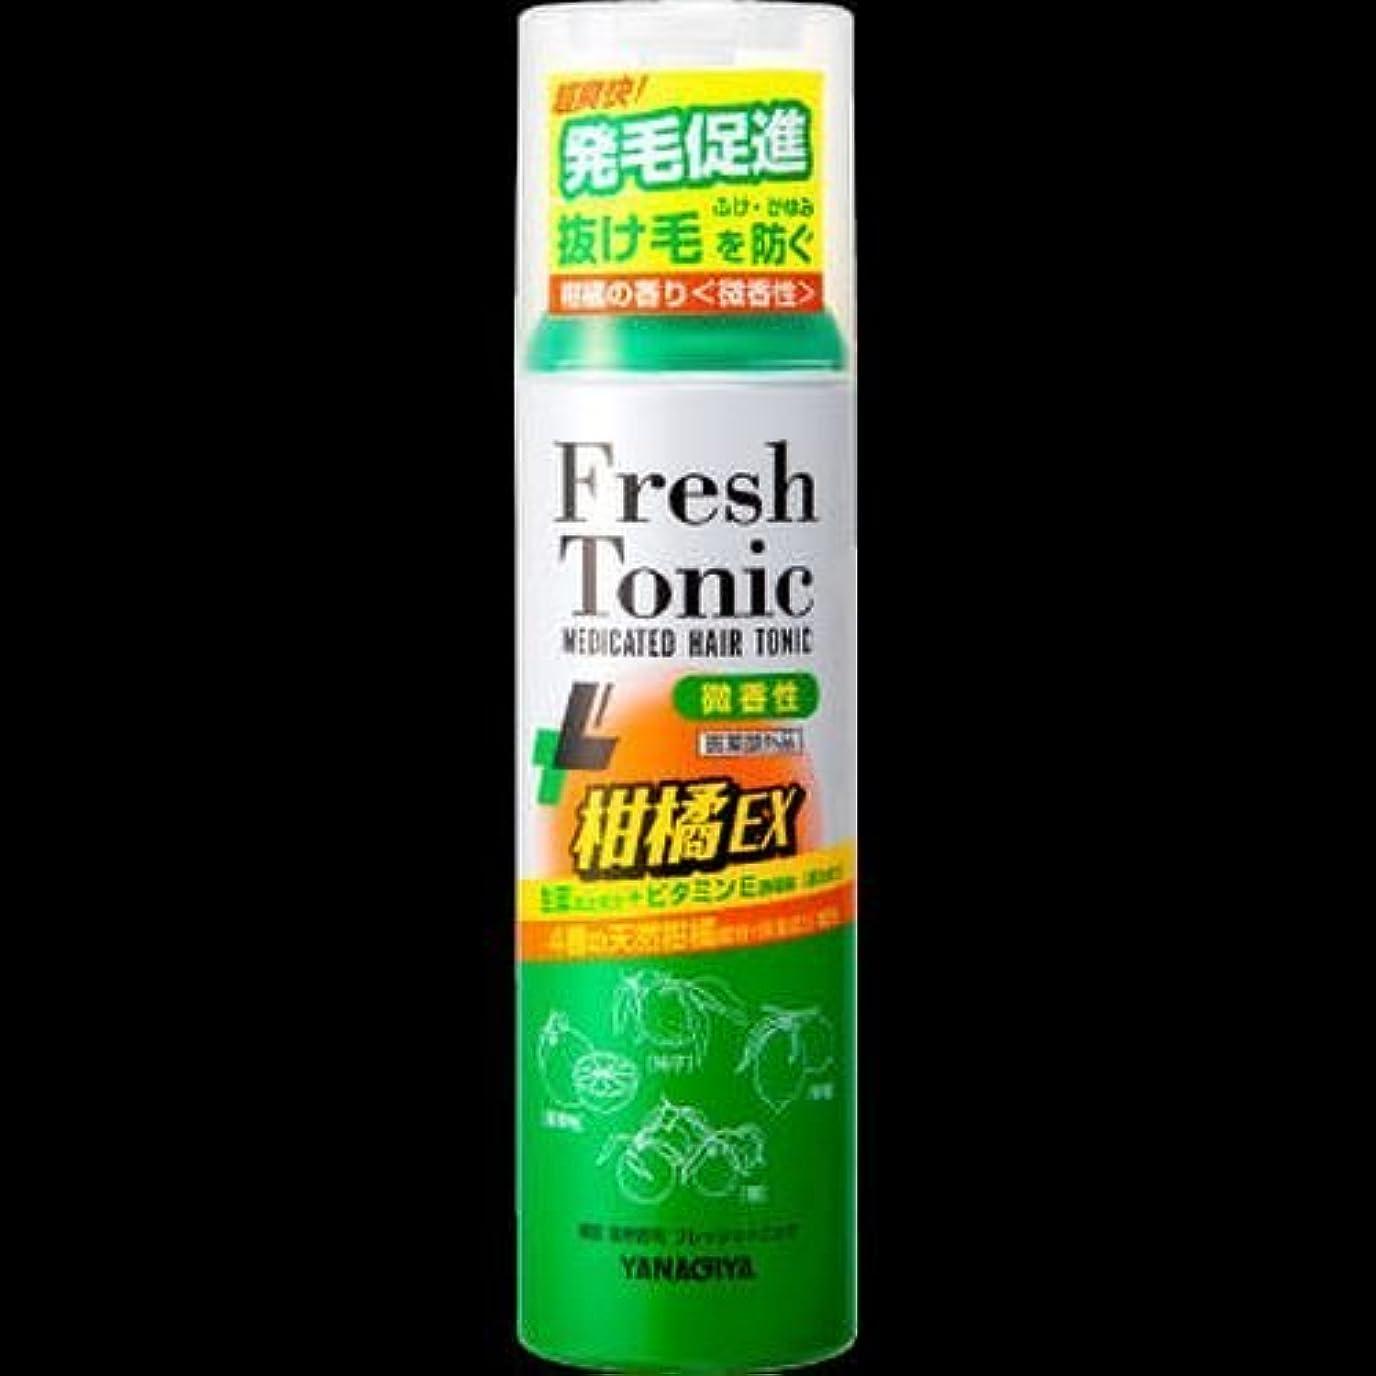 準備危険を冒します測定可能【まとめ買い】柳屋 薬用育毛 フレッシュトニック 柑橘EX <微香性> 190g ×2セット